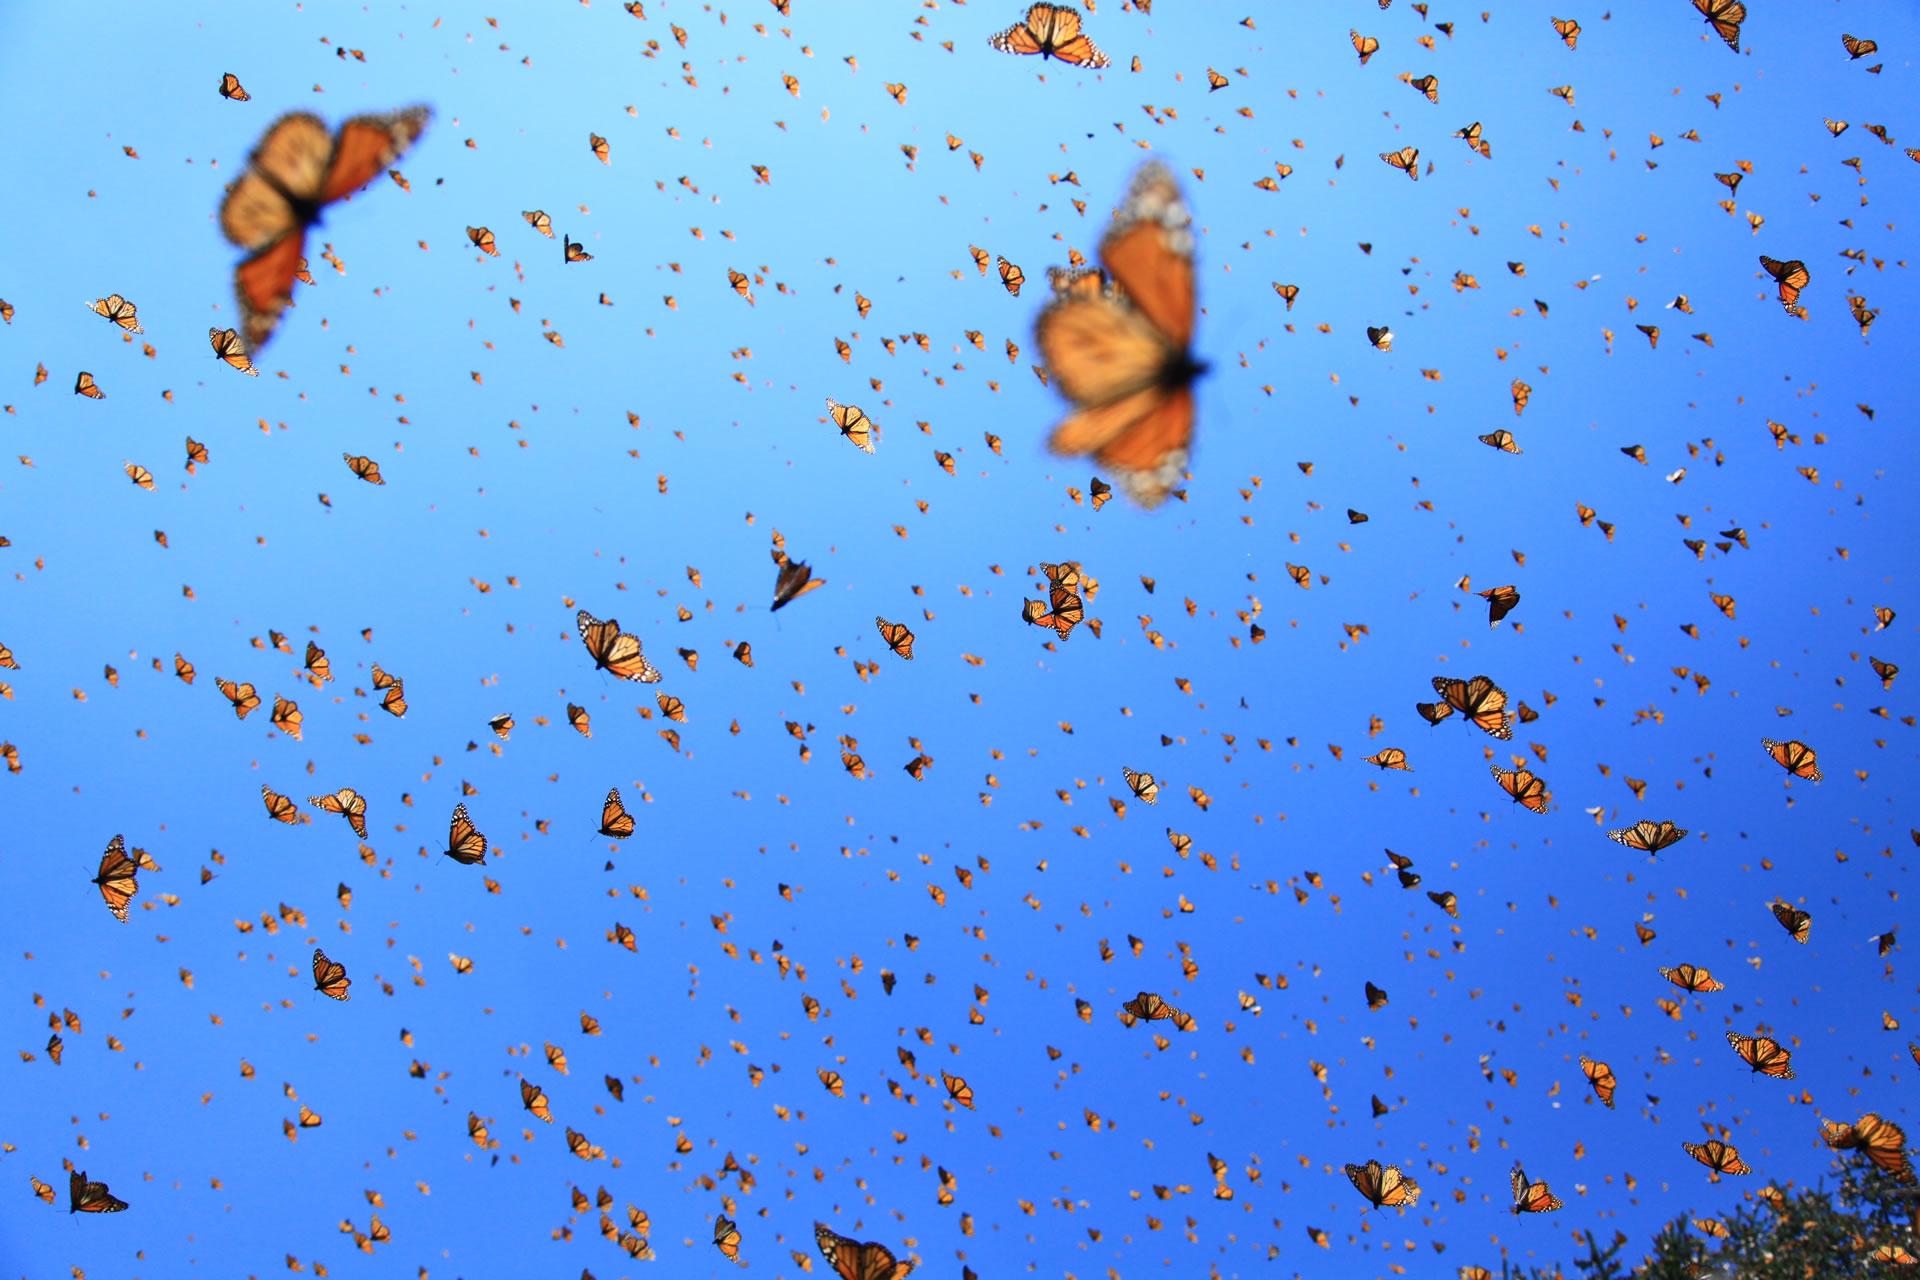 download wallpaper: de vlucht van de vlinders wallpaper